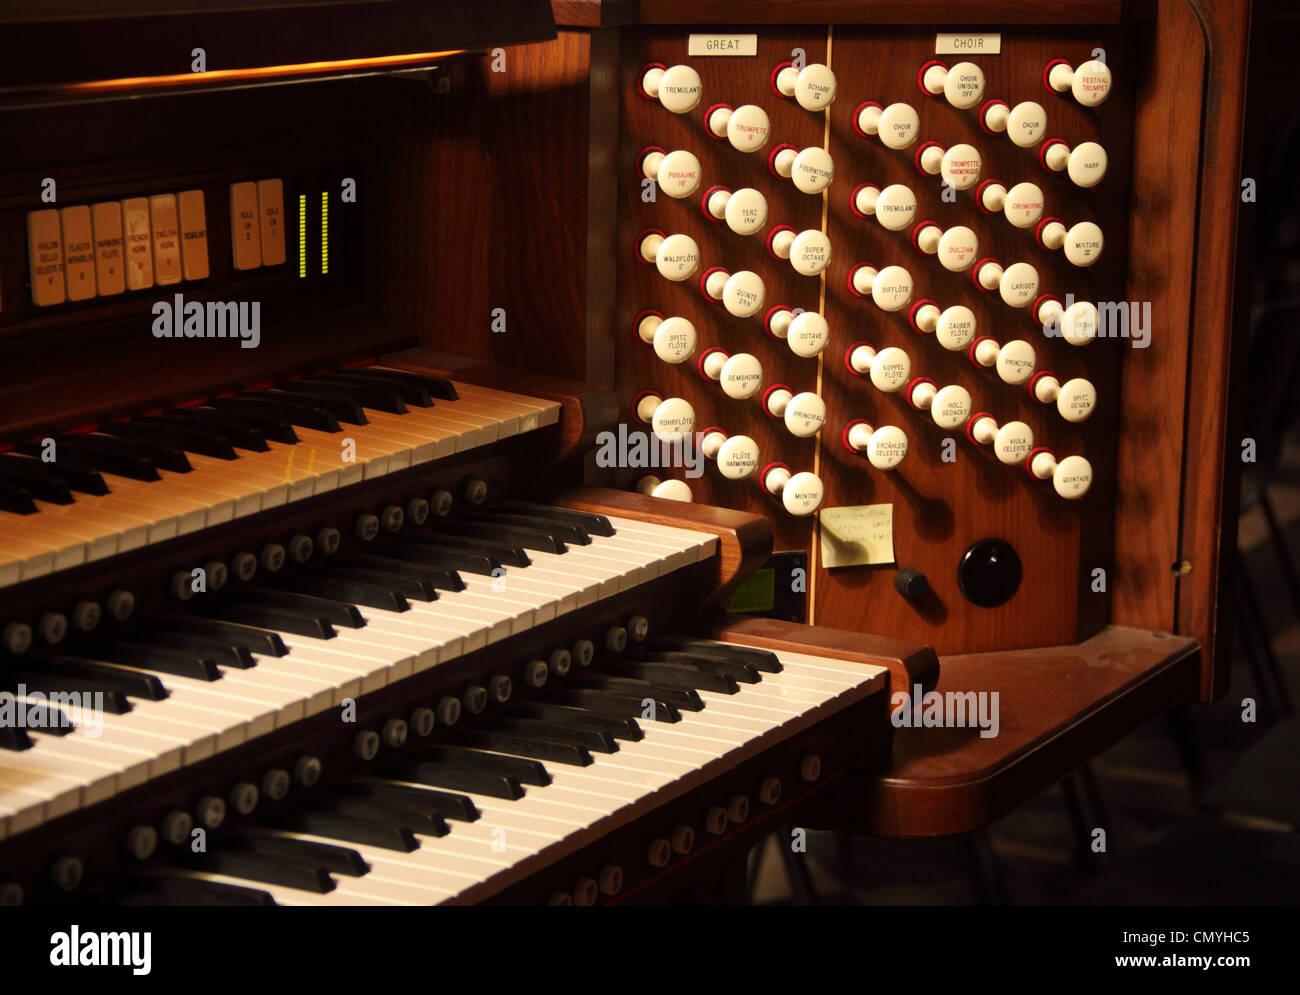 Church Organ Stock Photos Amp Church Organ Stock Images Alamy